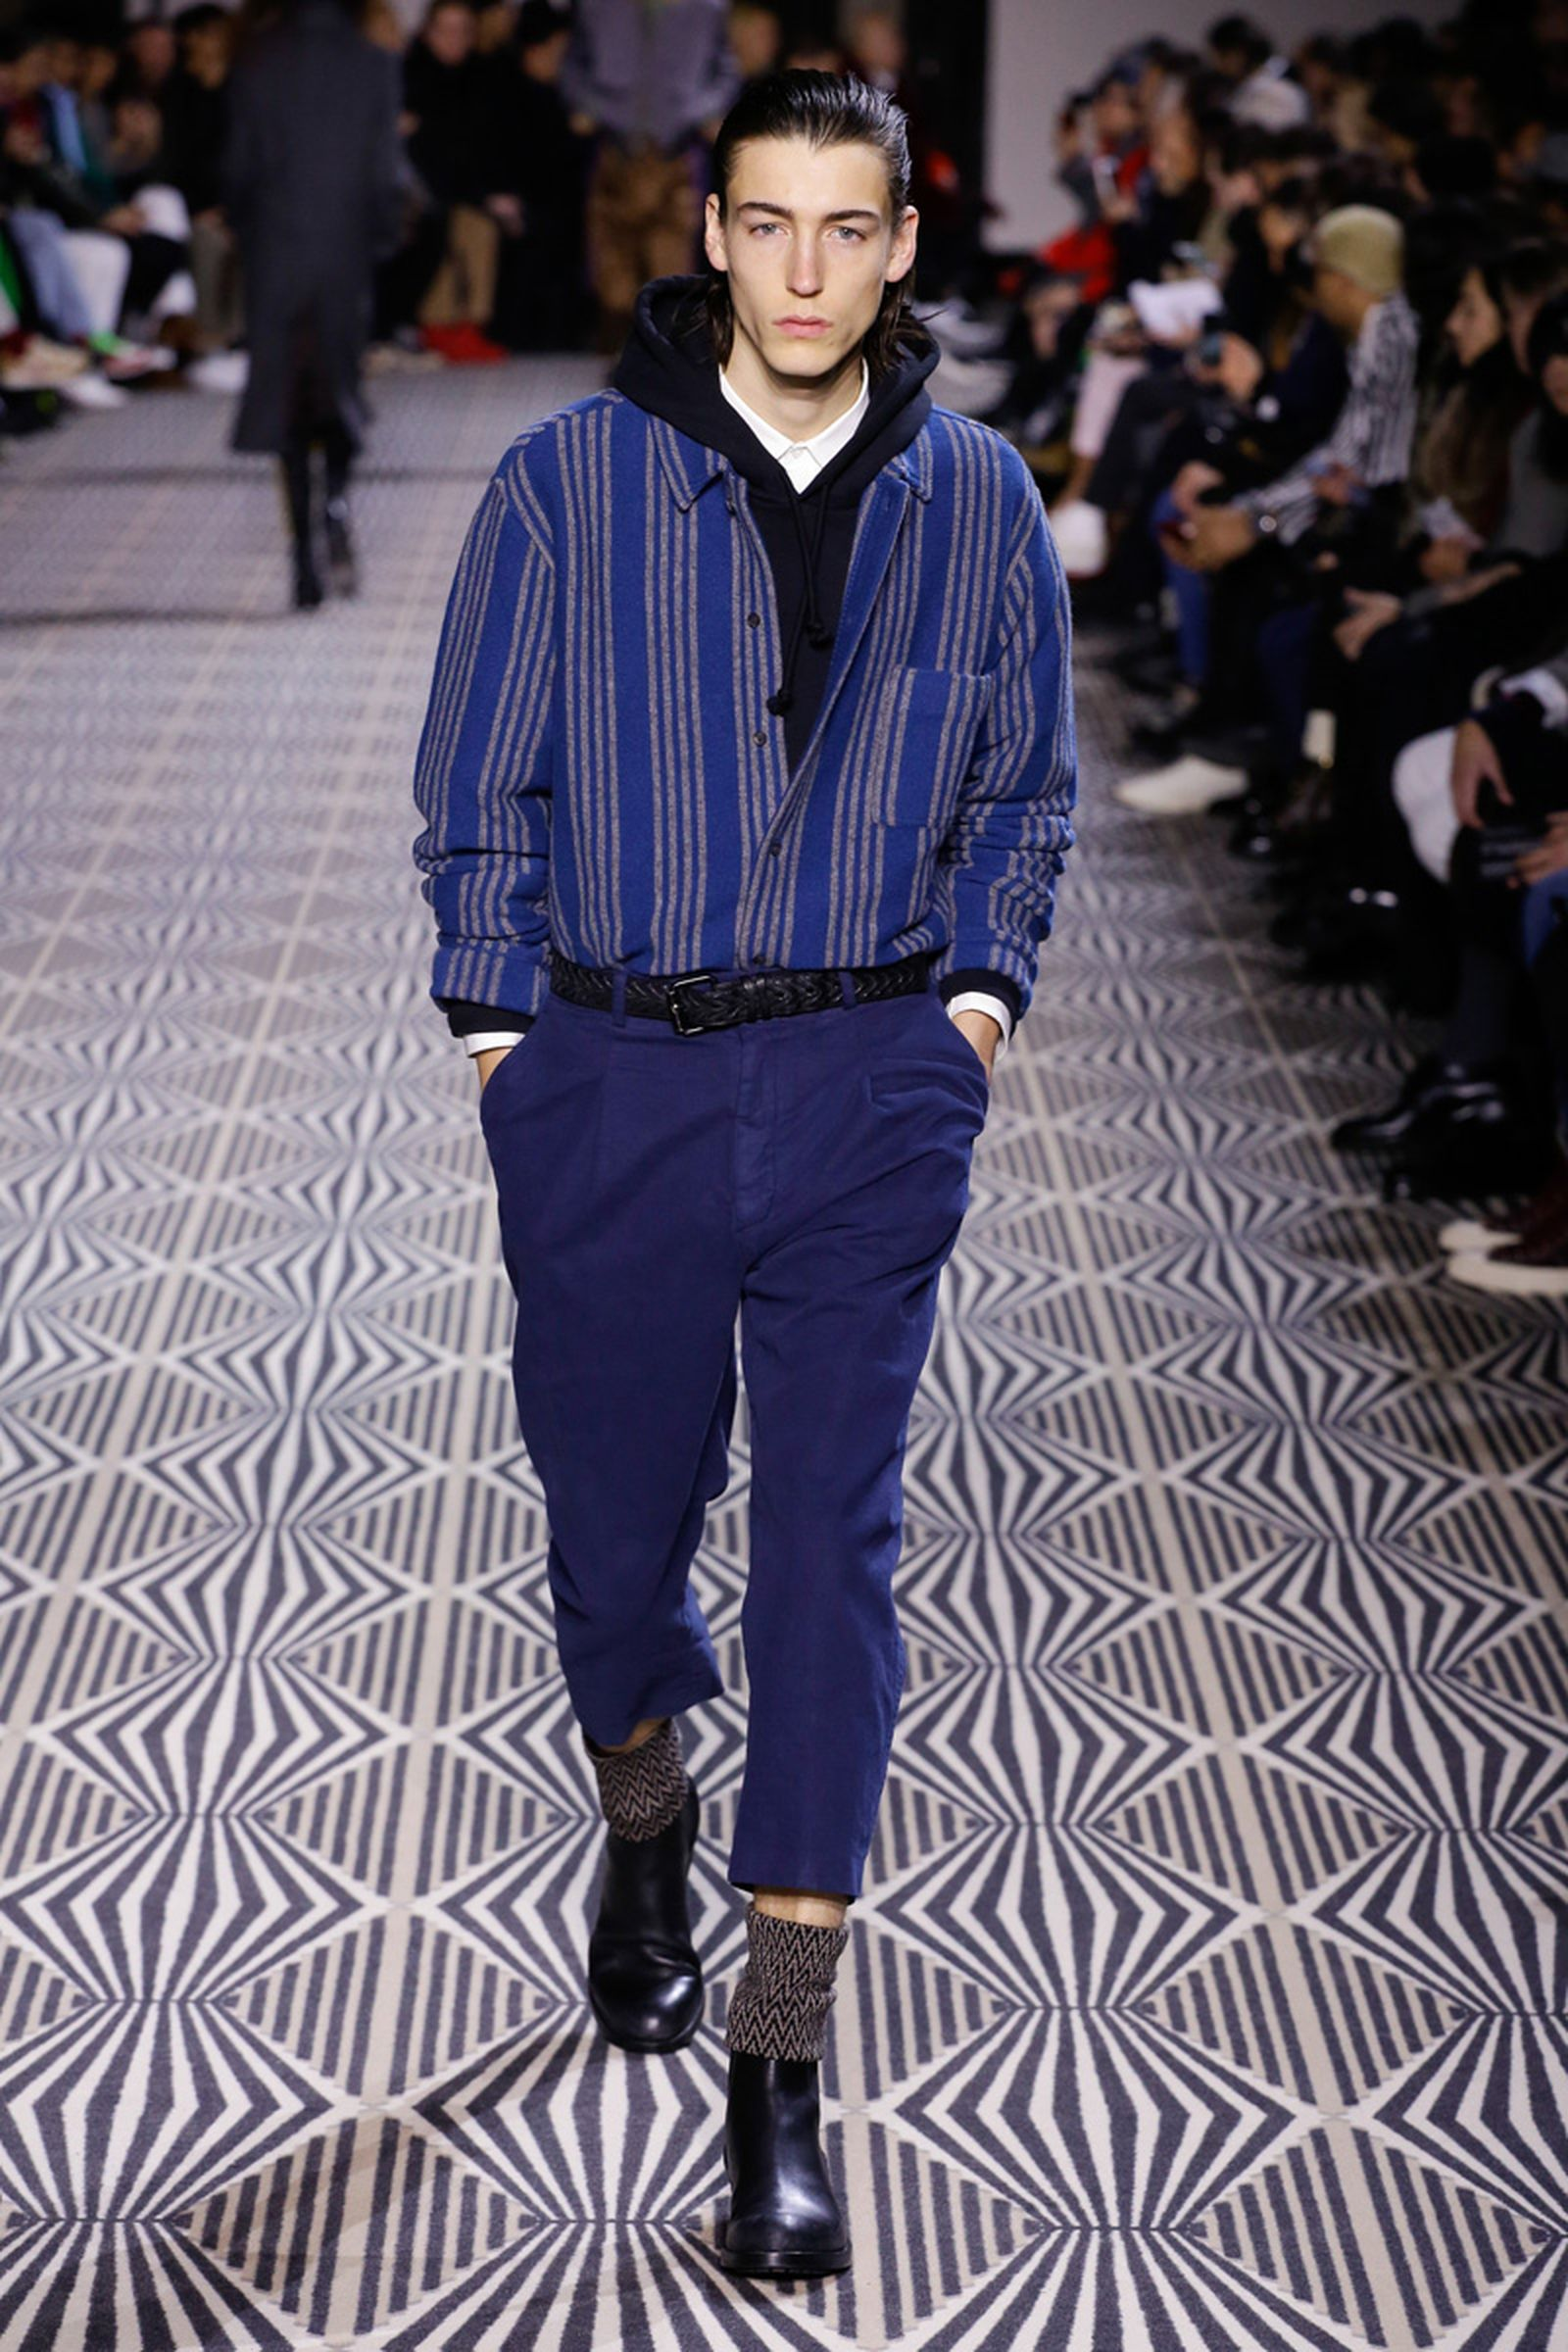 Haider AckermannMenswear Fall Winter 2018 CollectionParis Fashion Week runway